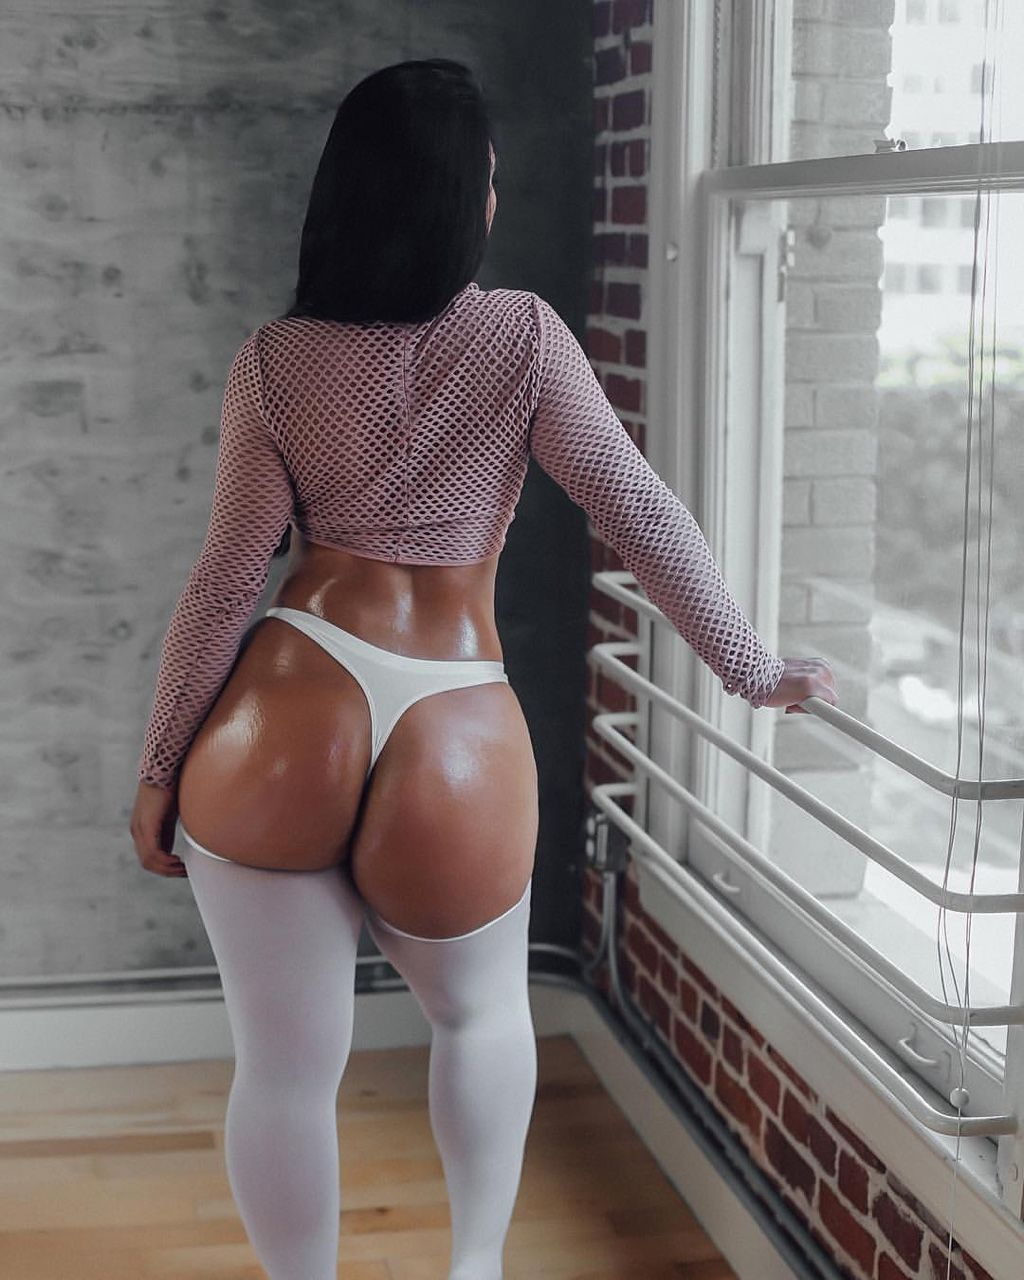 big ass pics, big black ass, big booty latinas, women & girls